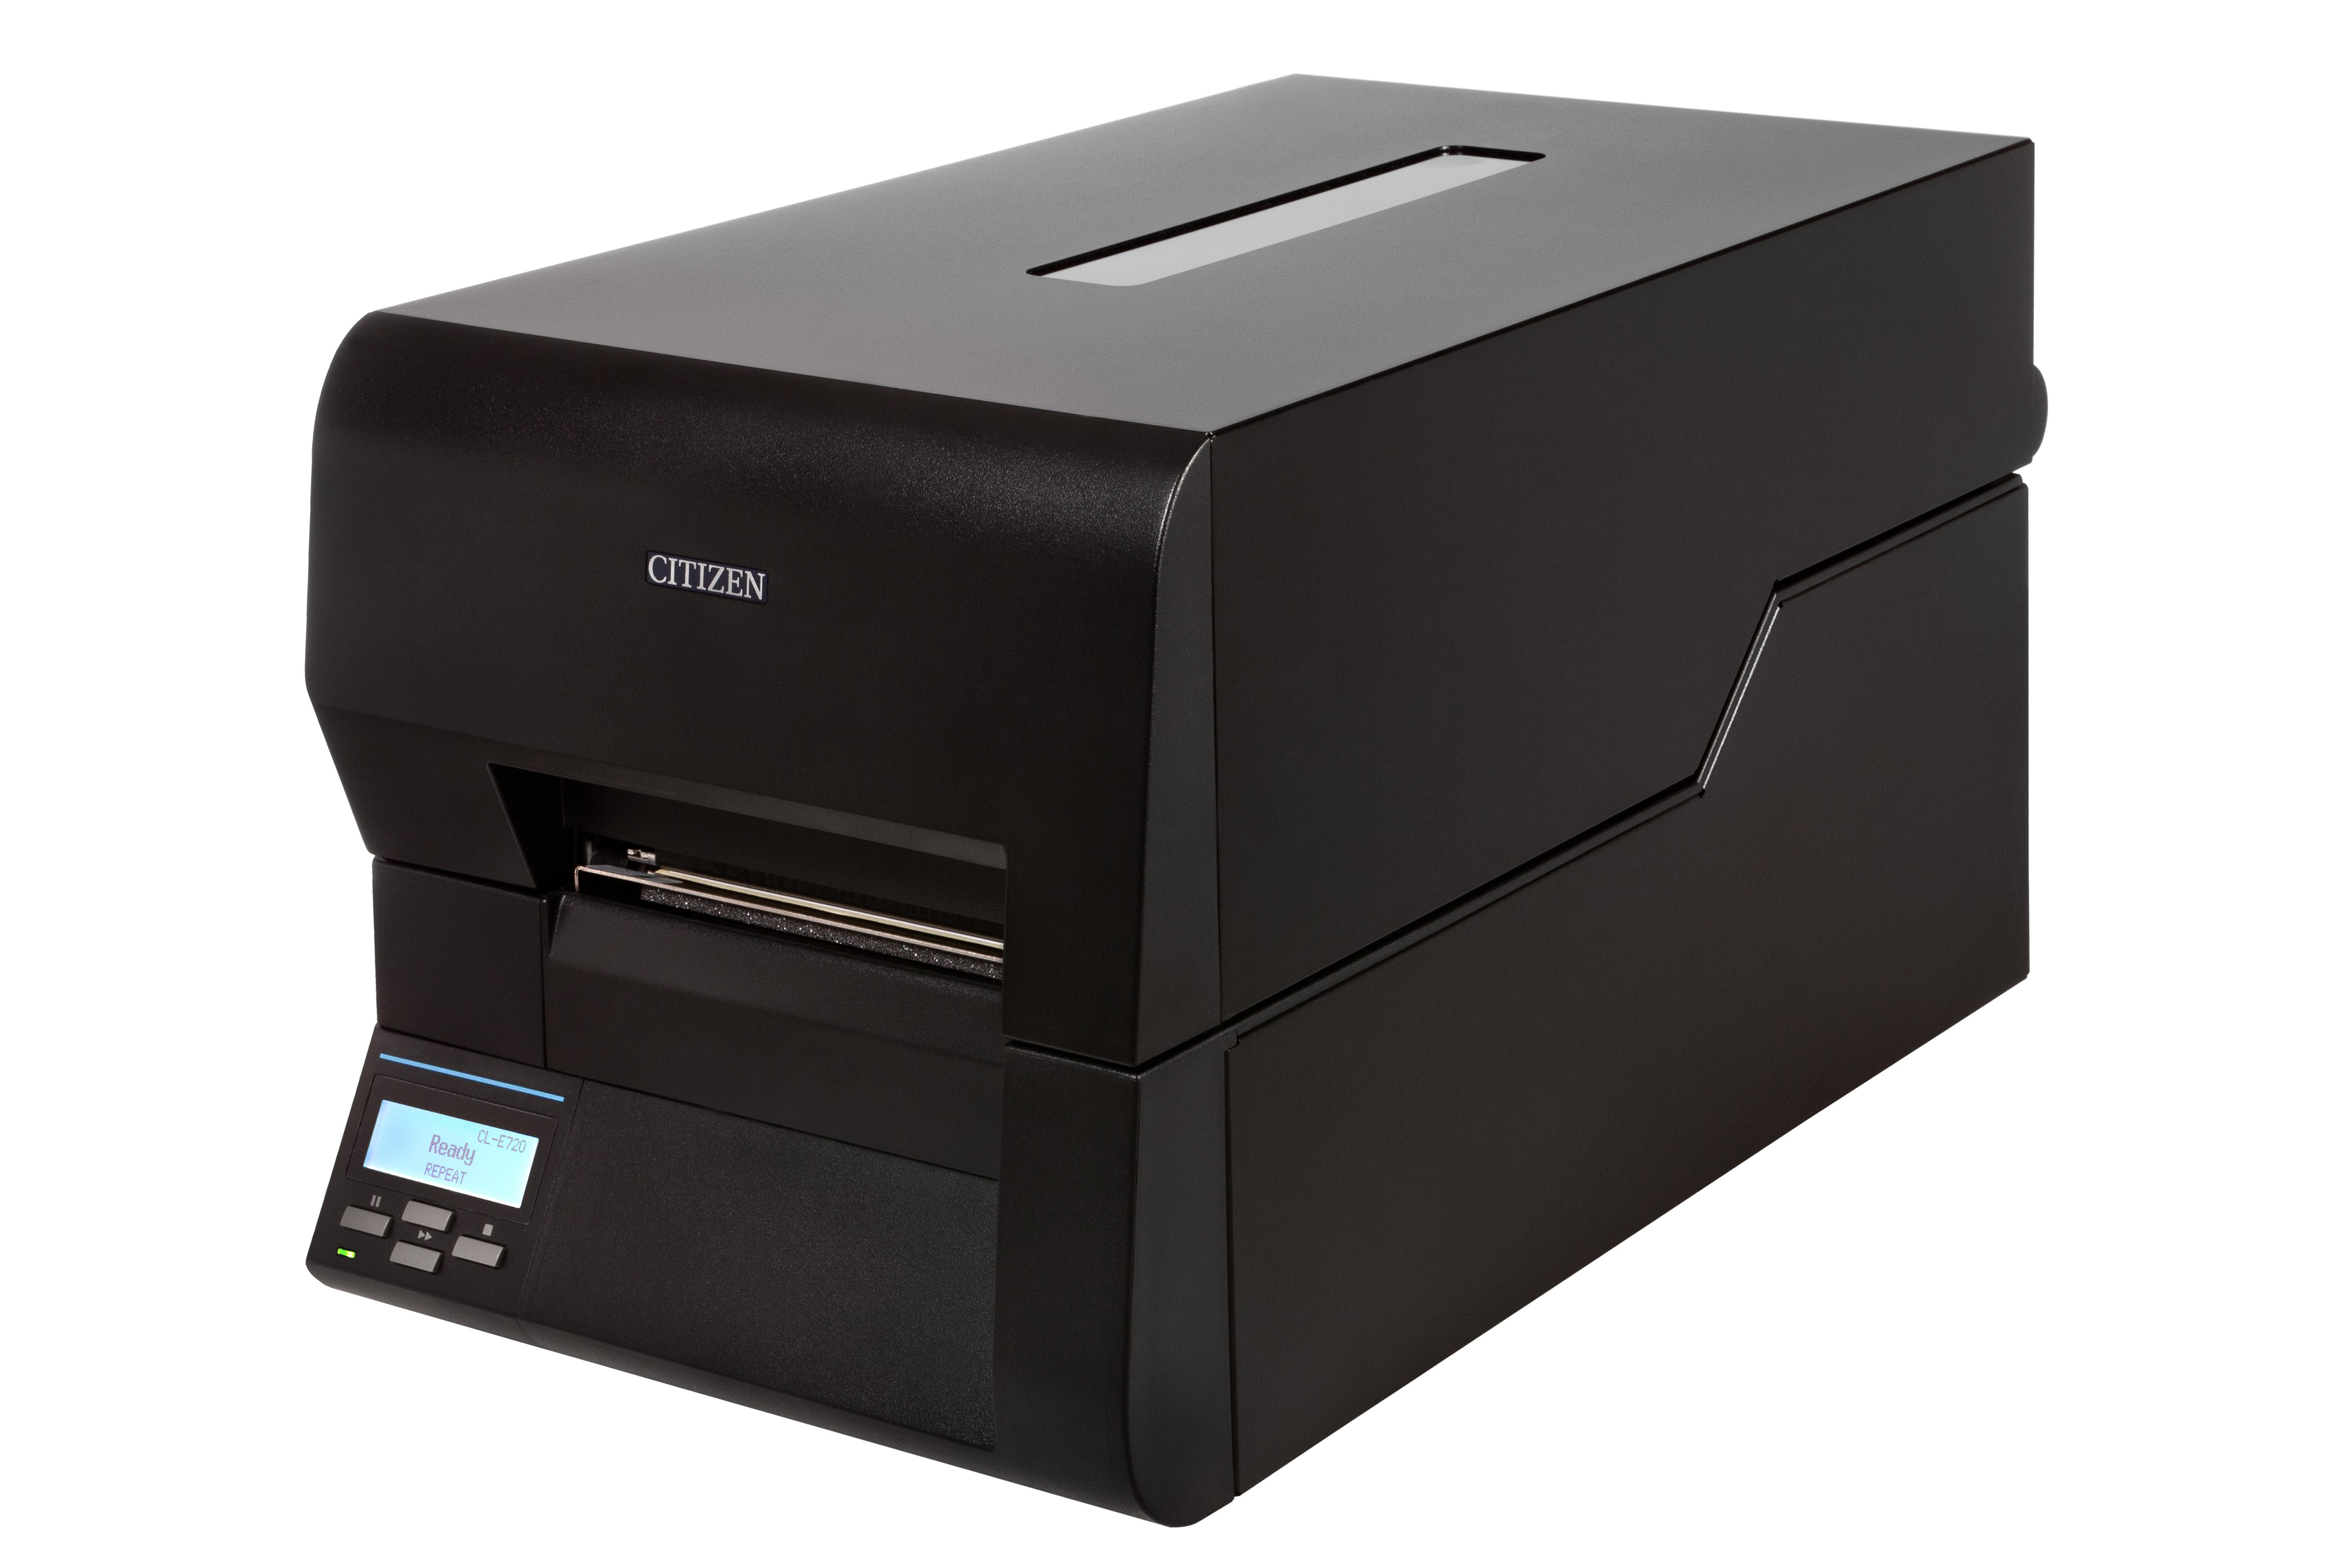 Citizen CL-E730 Etikettendrucker Direkt Wärme/Wärmeübertragung 300 x 300 DPI